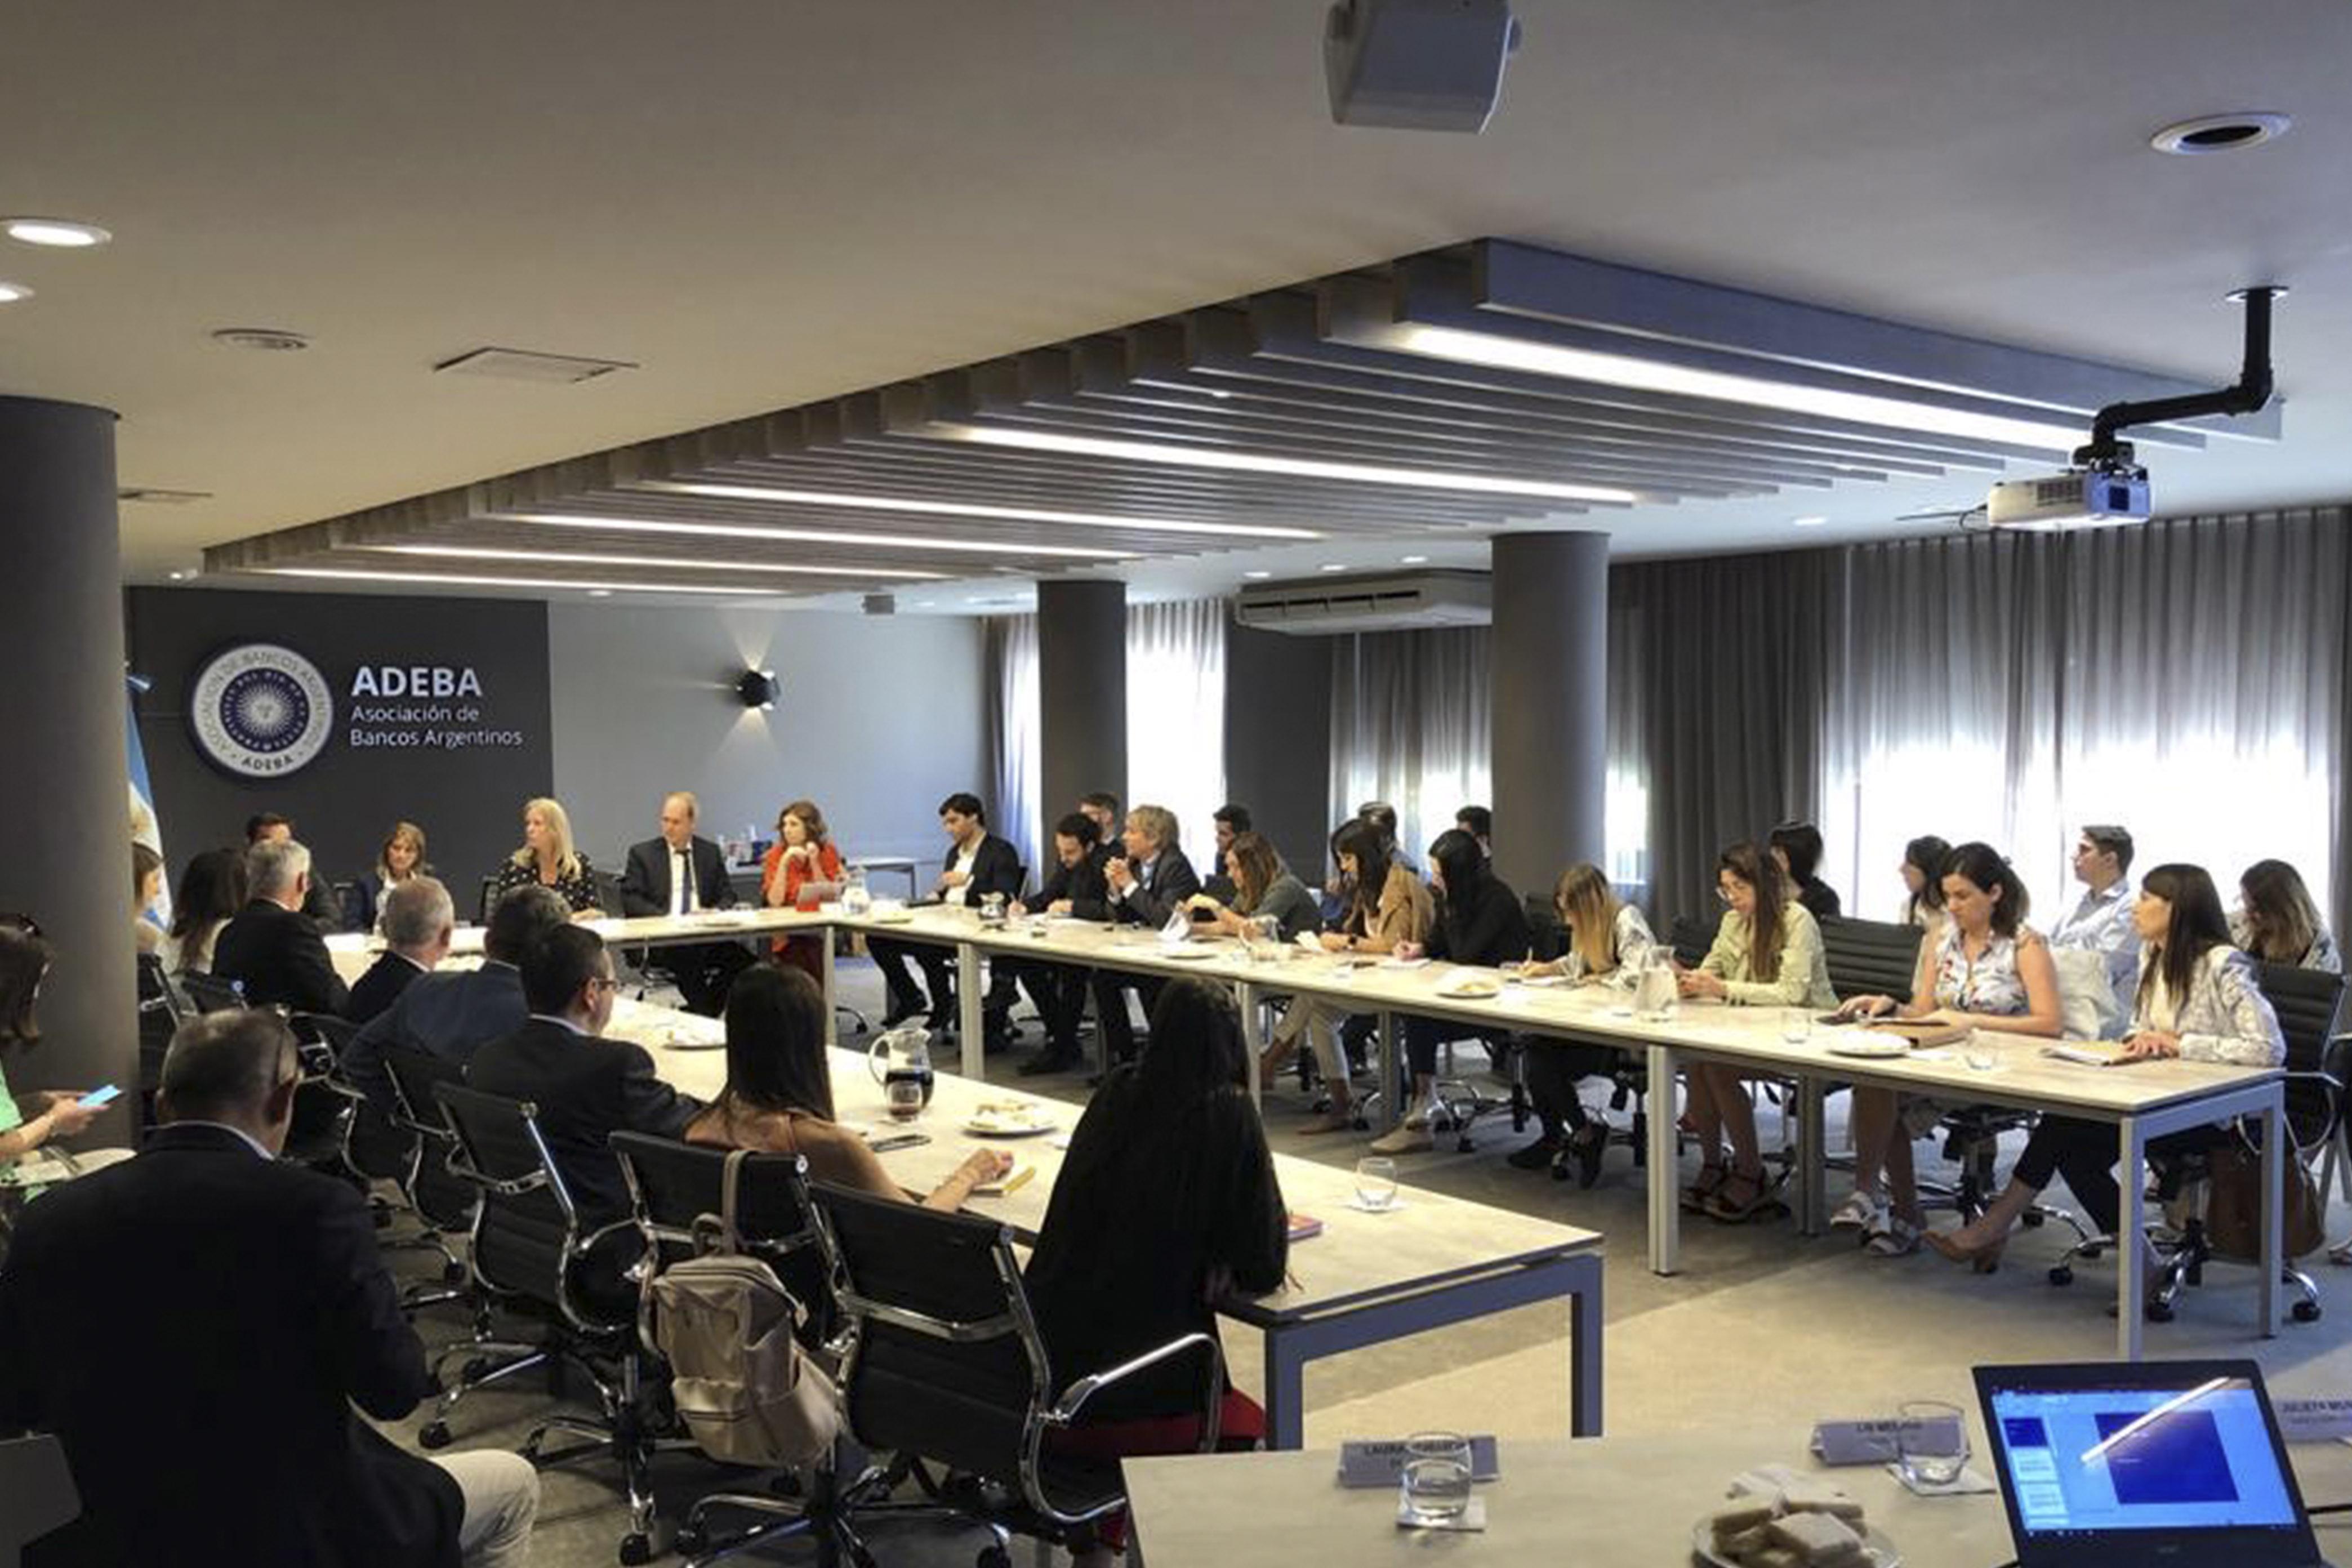 El Grupo de Trabajo de Finanzas Sostenibles cierra un año muy importante por la firma del Protocolo de Finanzas Sostenibles